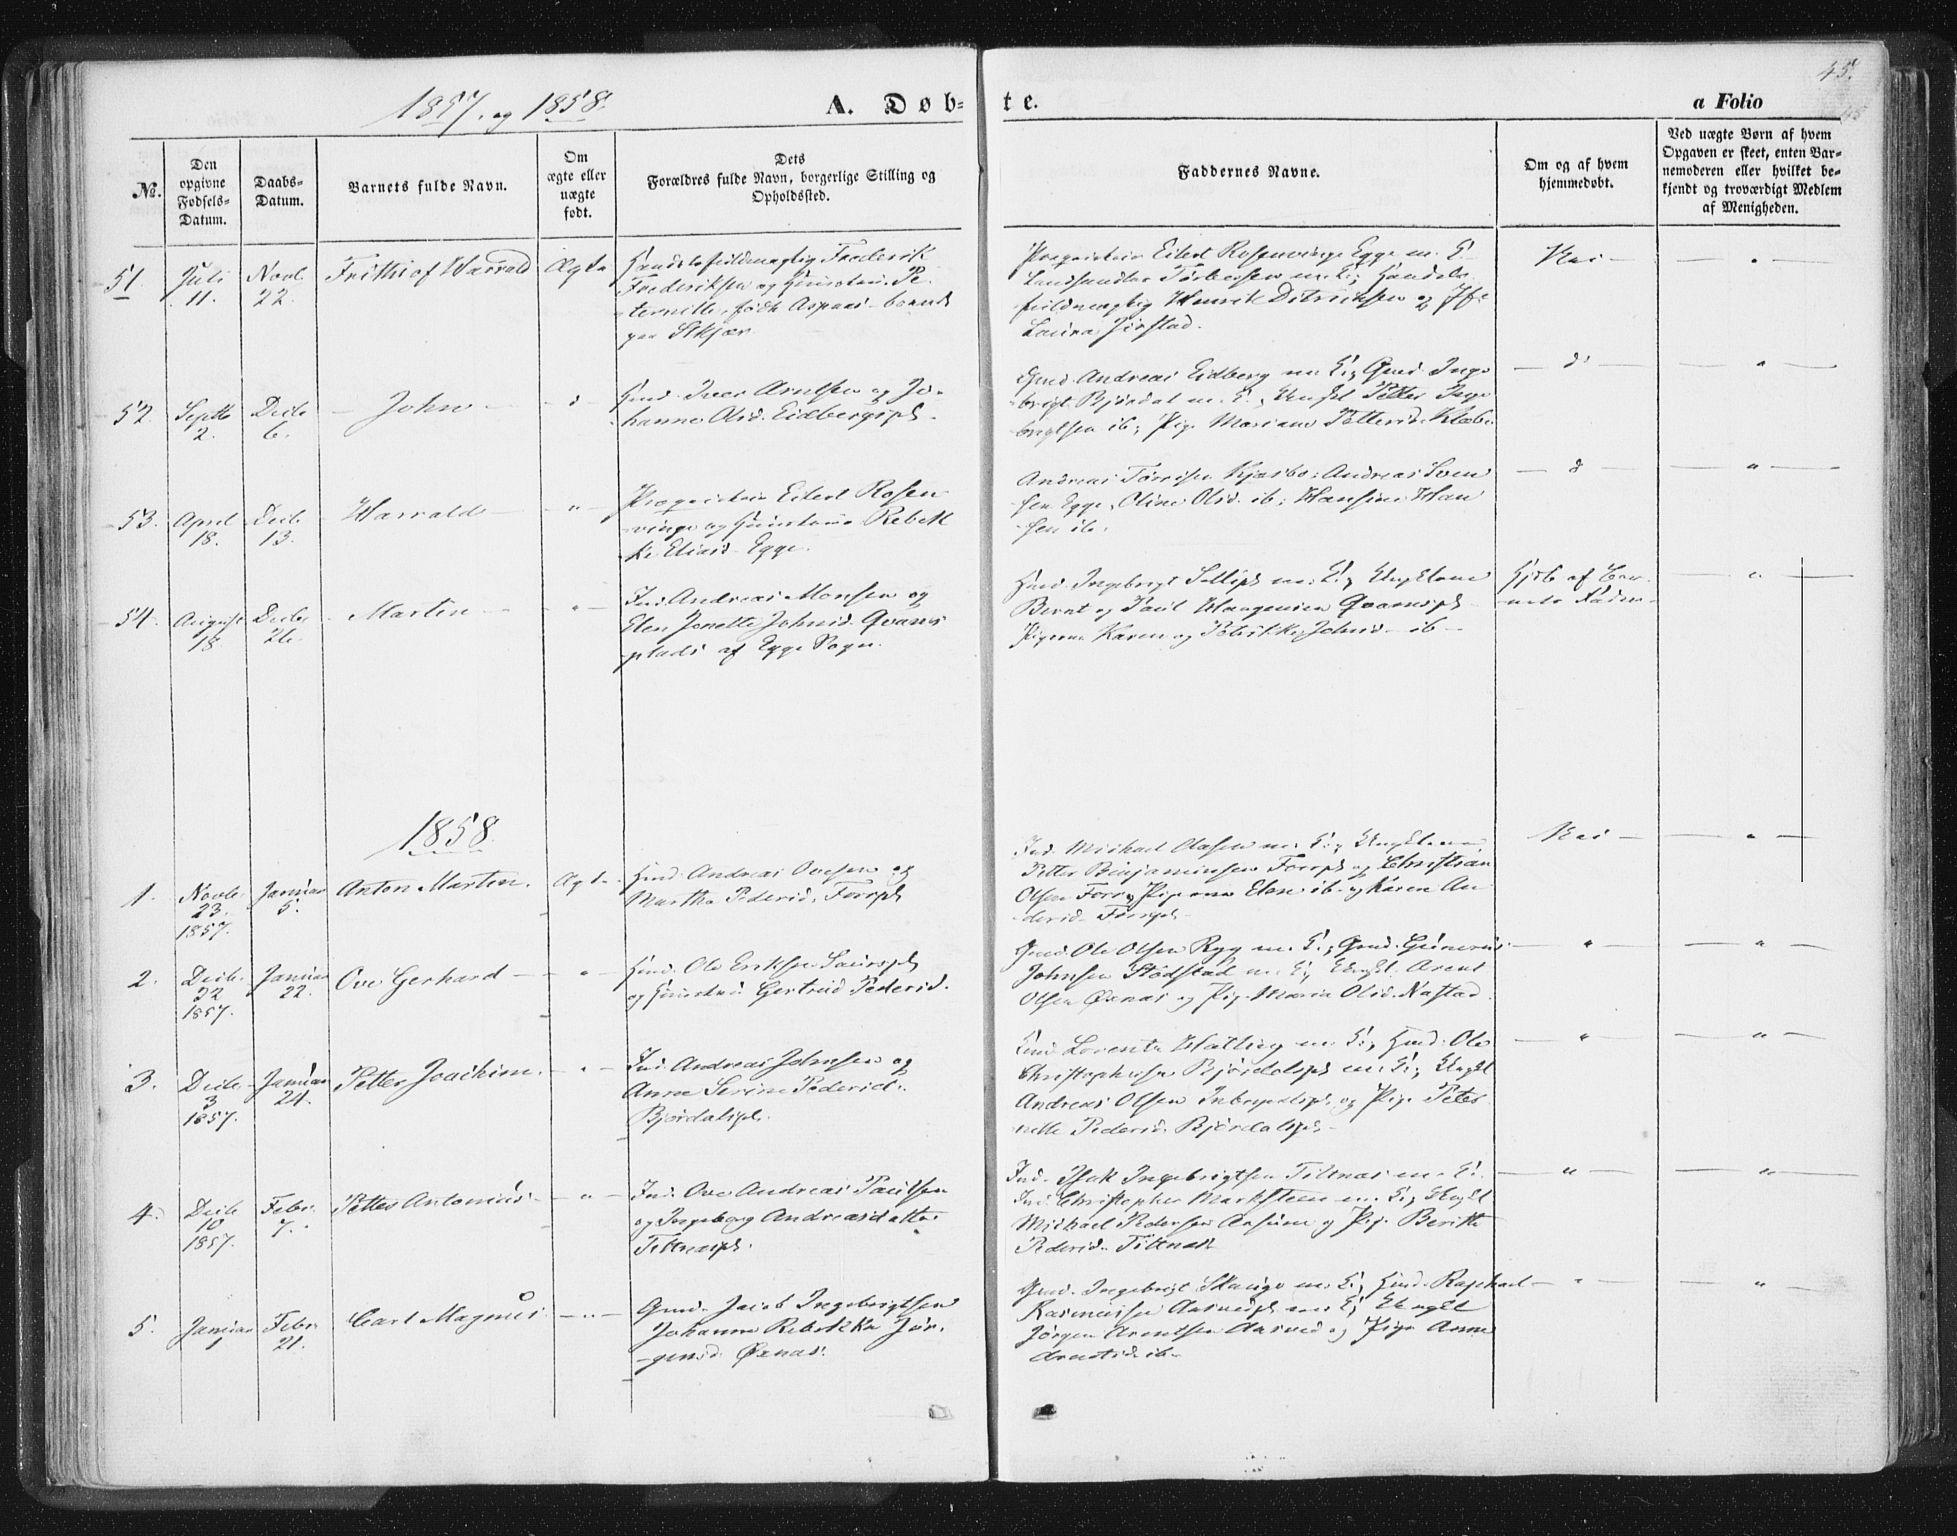 SAT, Ministerialprotokoller, klokkerbøker og fødselsregistre - Nord-Trøndelag, 746/L0446: Ministerialbok nr. 746A05, 1846-1859, s. 45